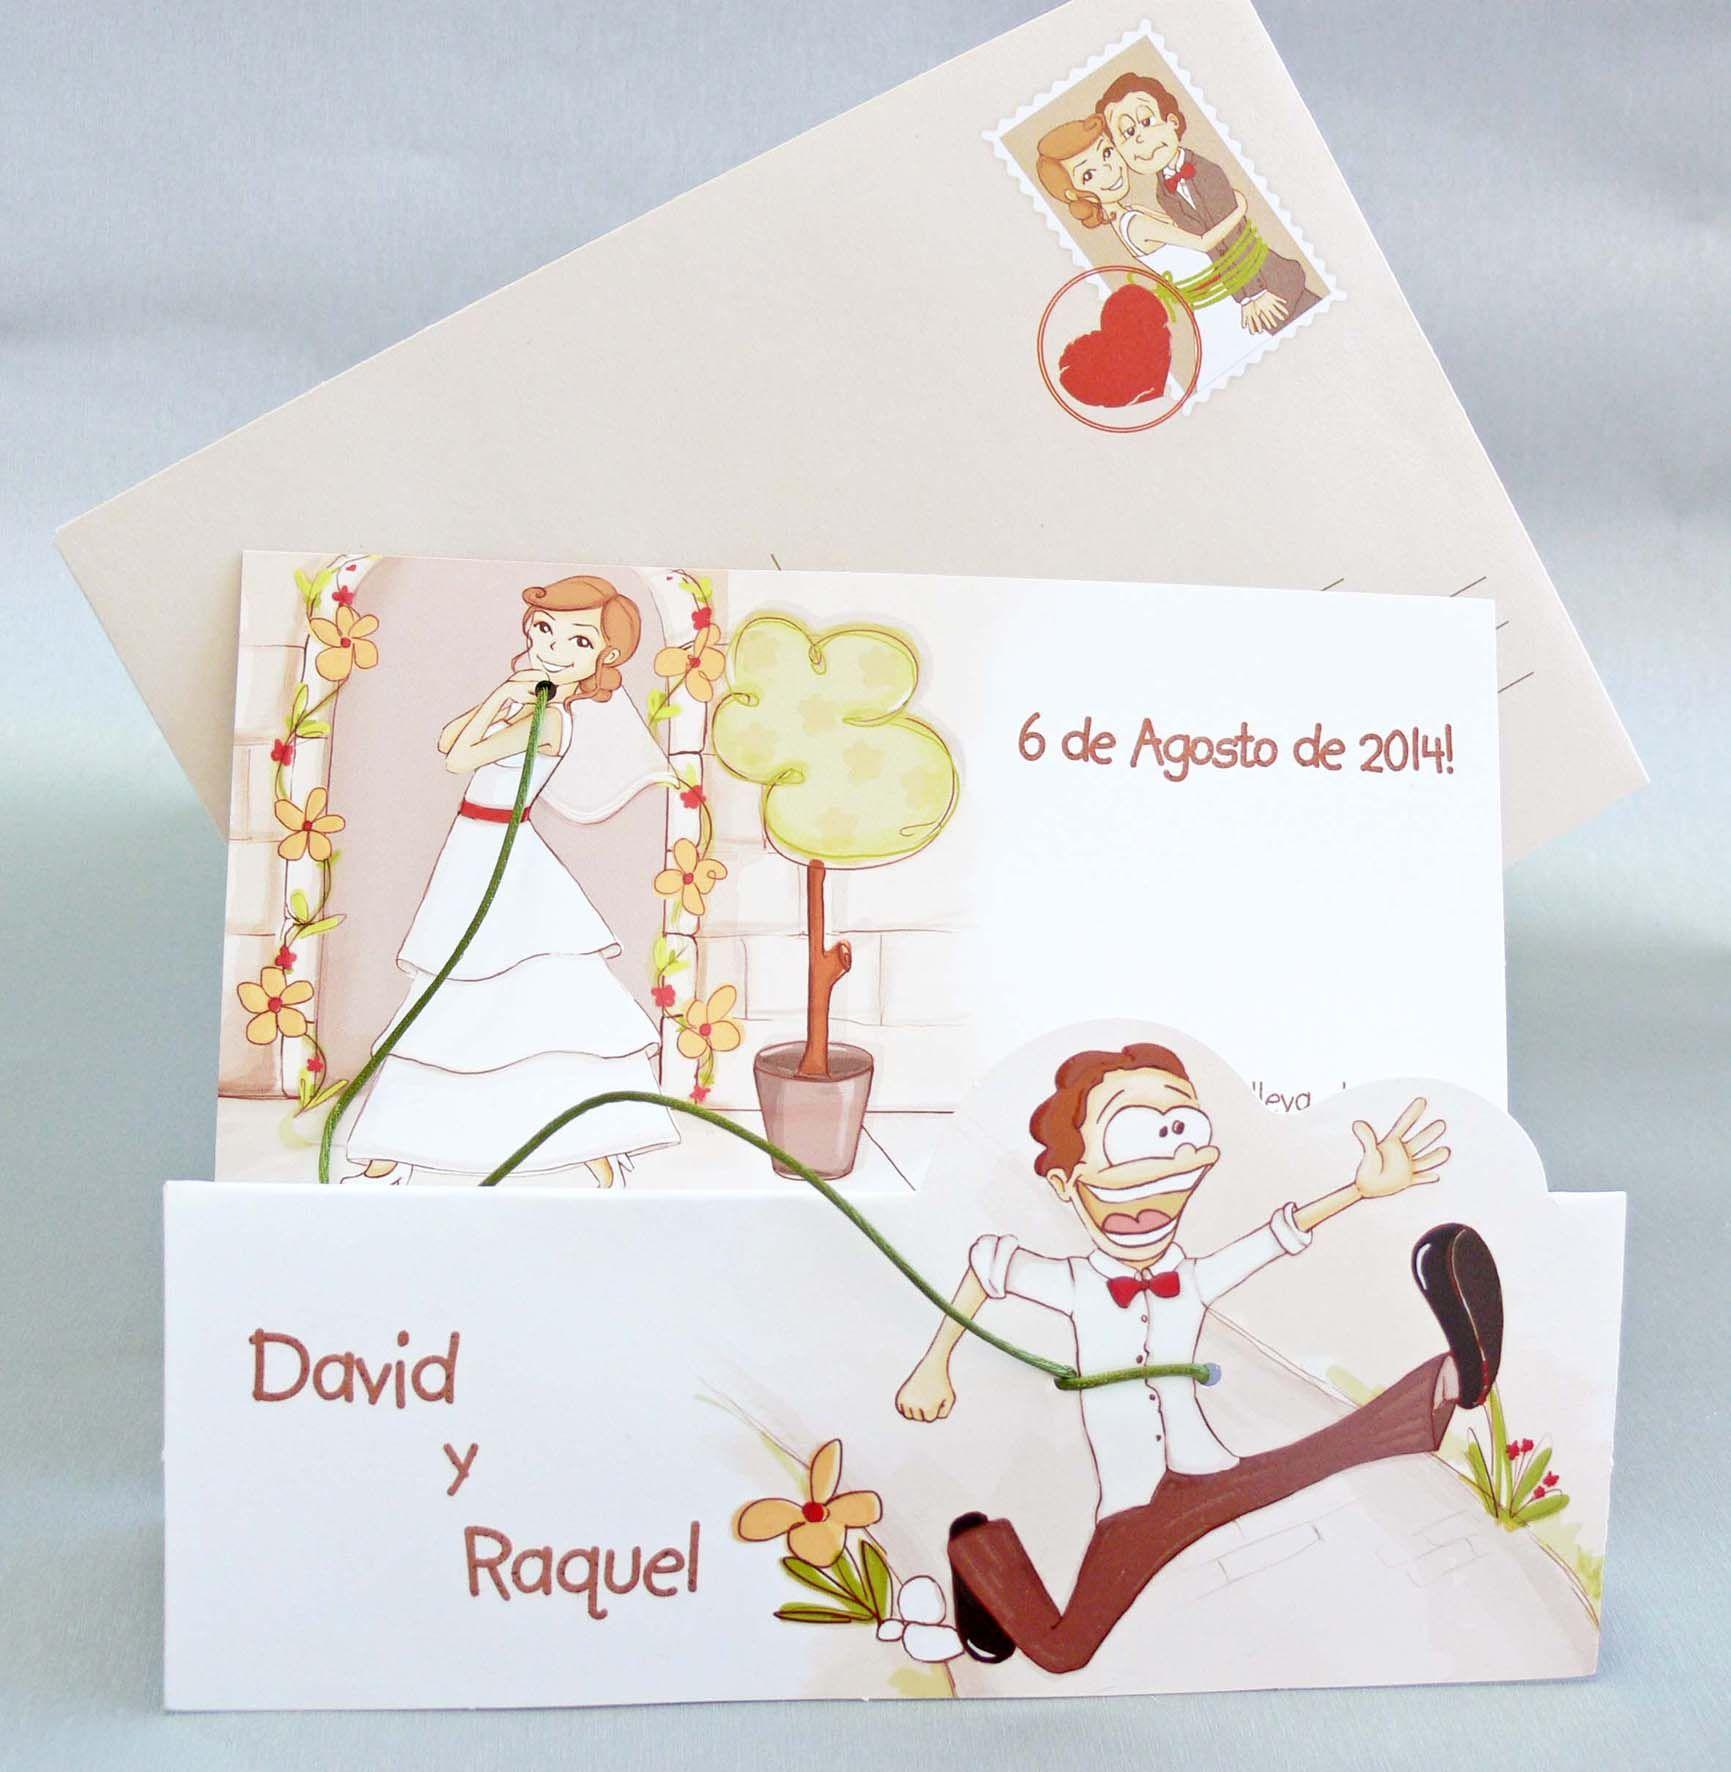 tarjetas de invitacion para matrimonio para hacer manualmente ...